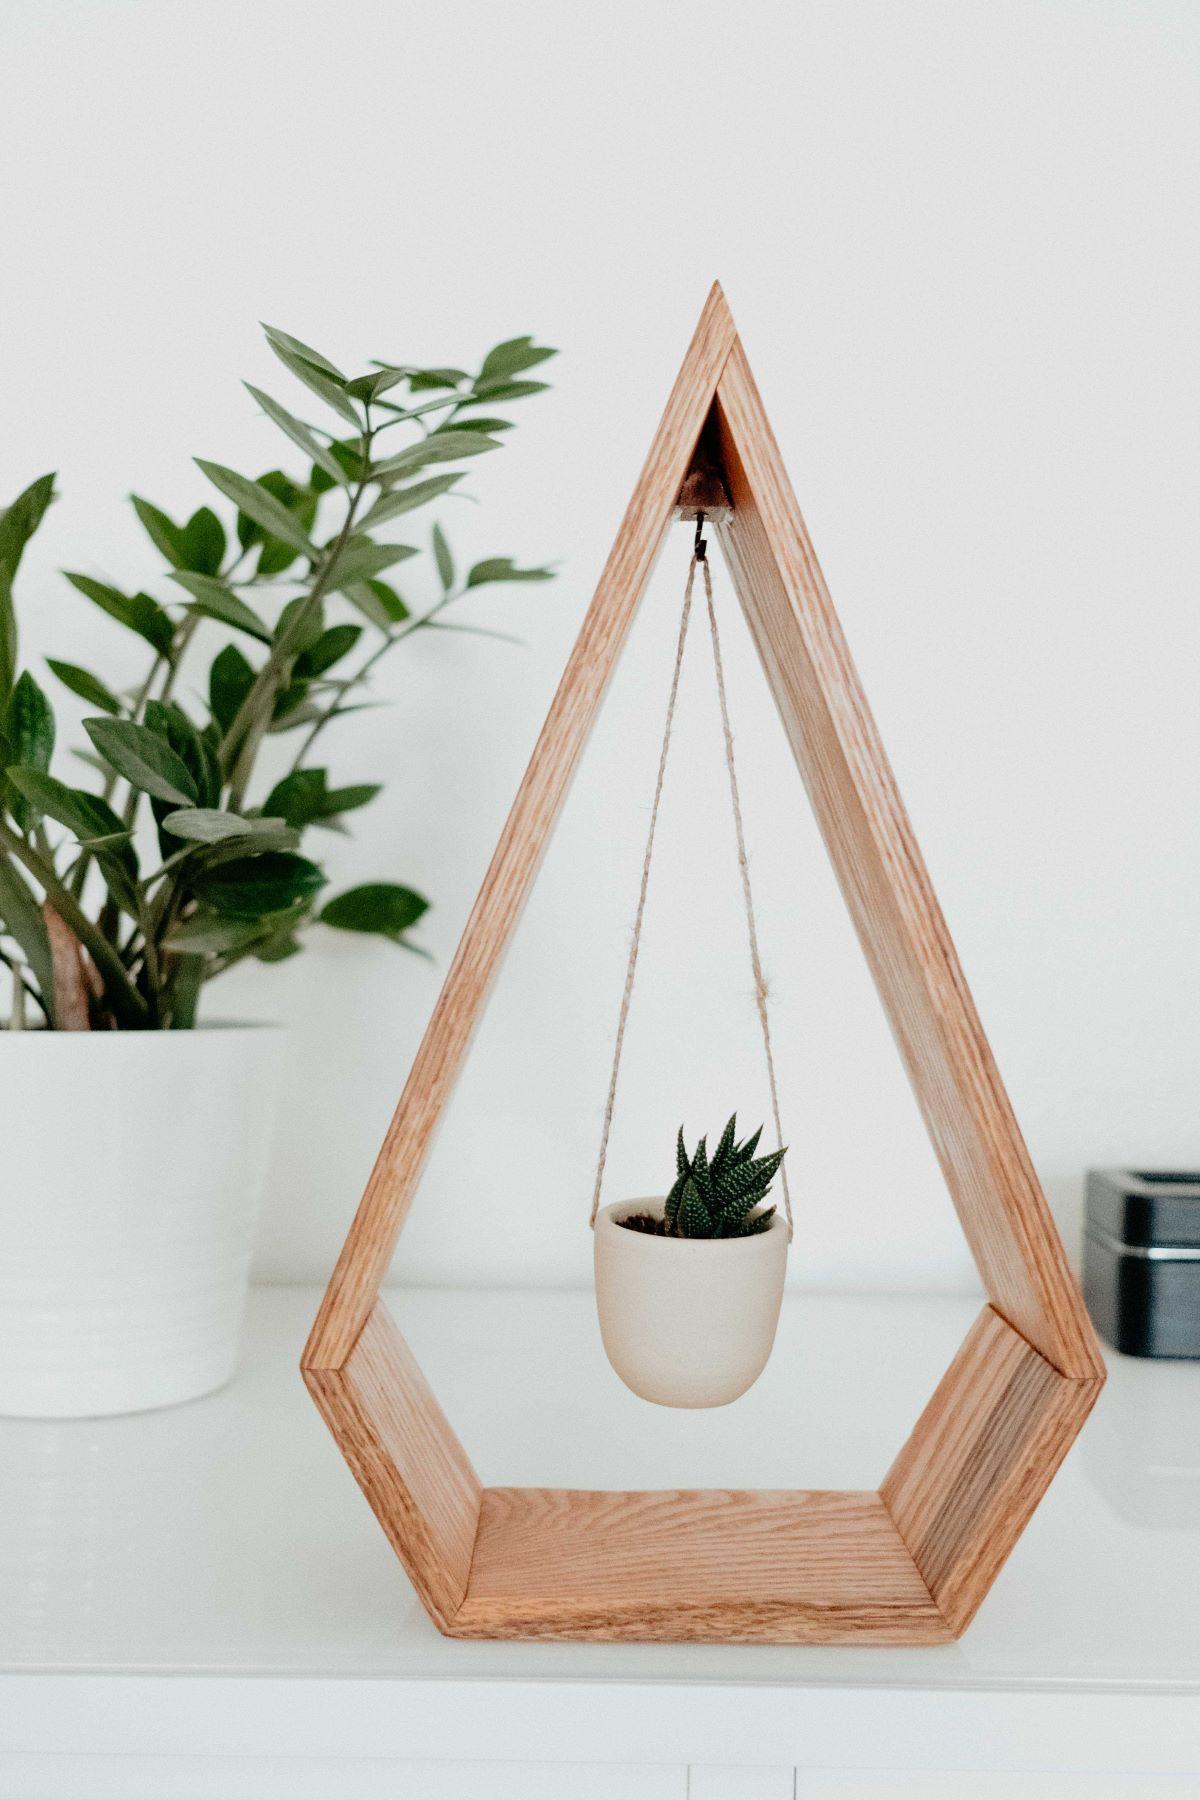 Déco cactus : nouvel allié tendance et bien-être